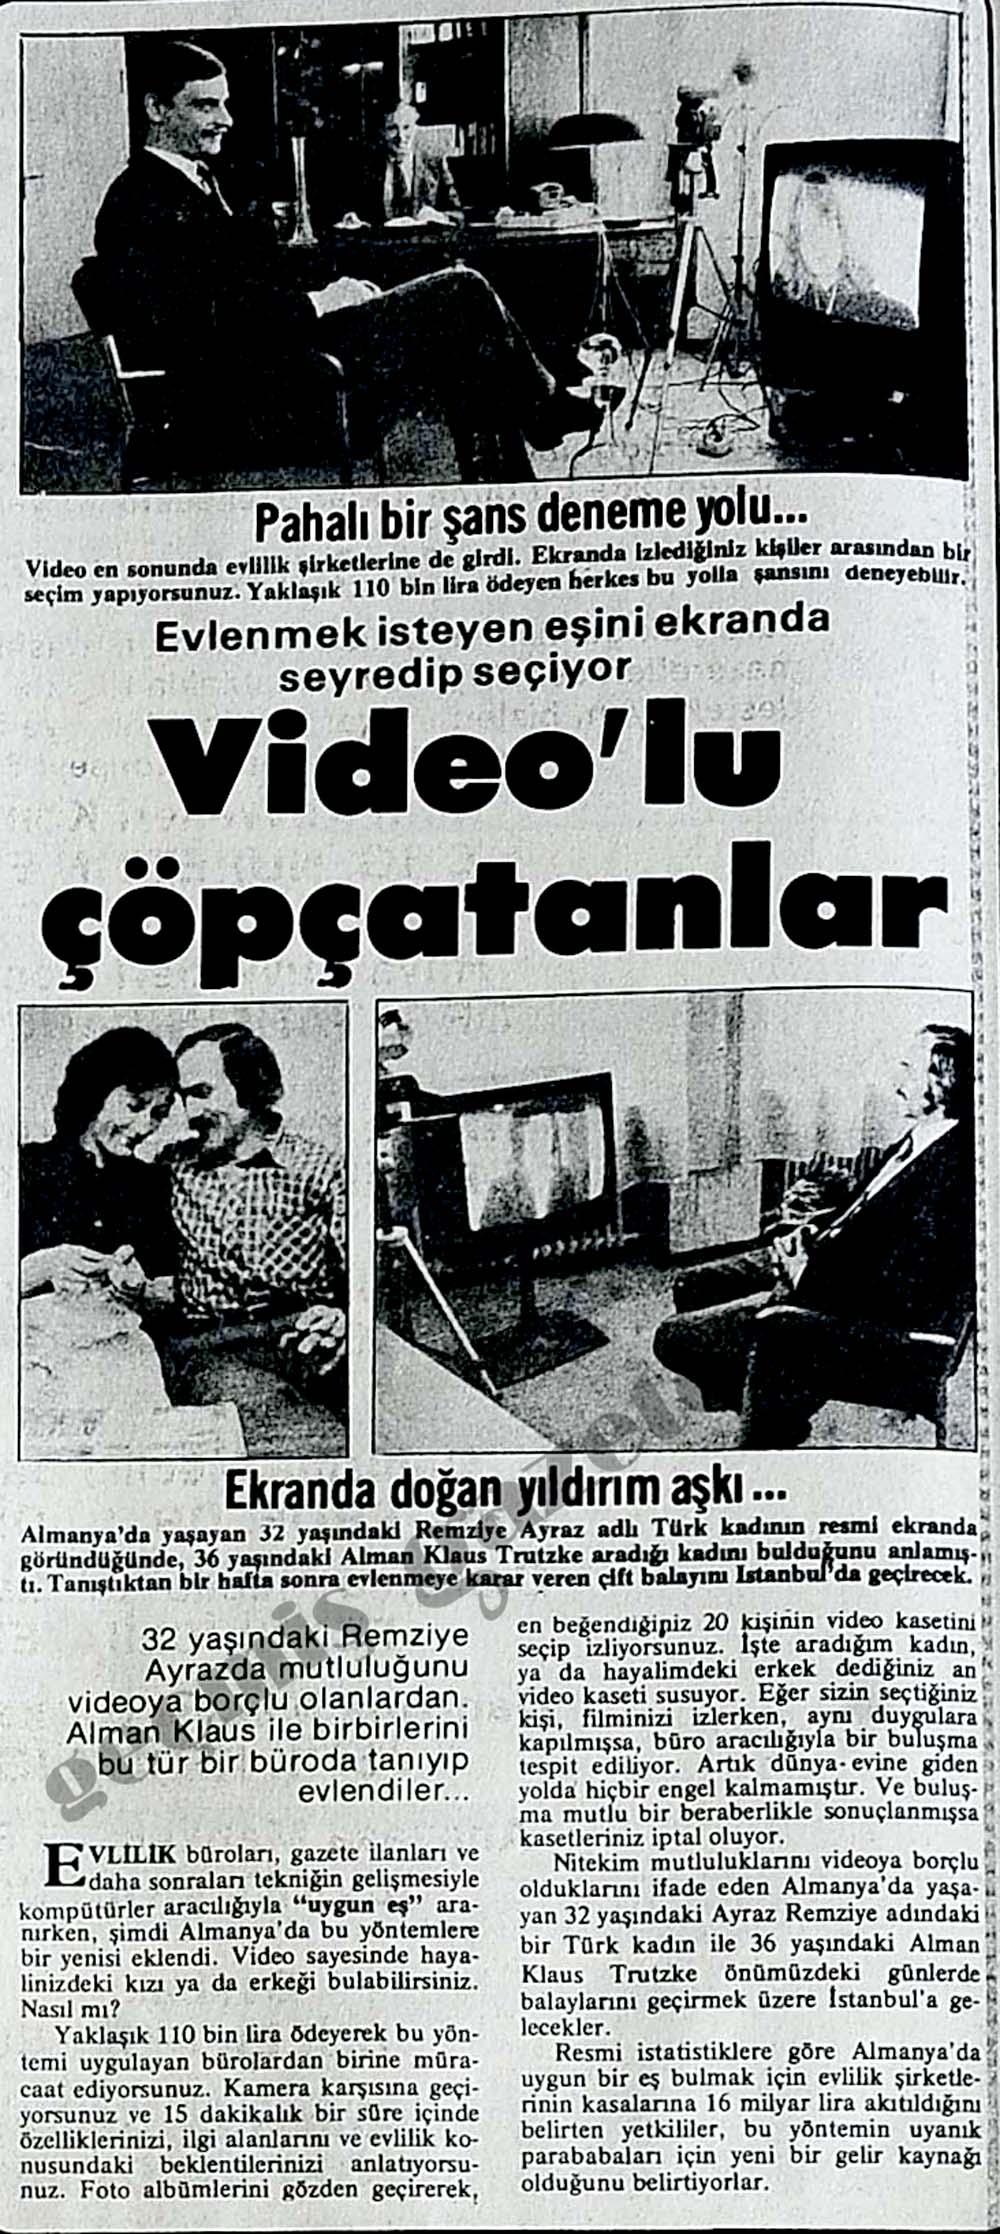 Evlenmek isteyen eşini ekranda seyredip seçiyor: Video'lu çöpçatanlar